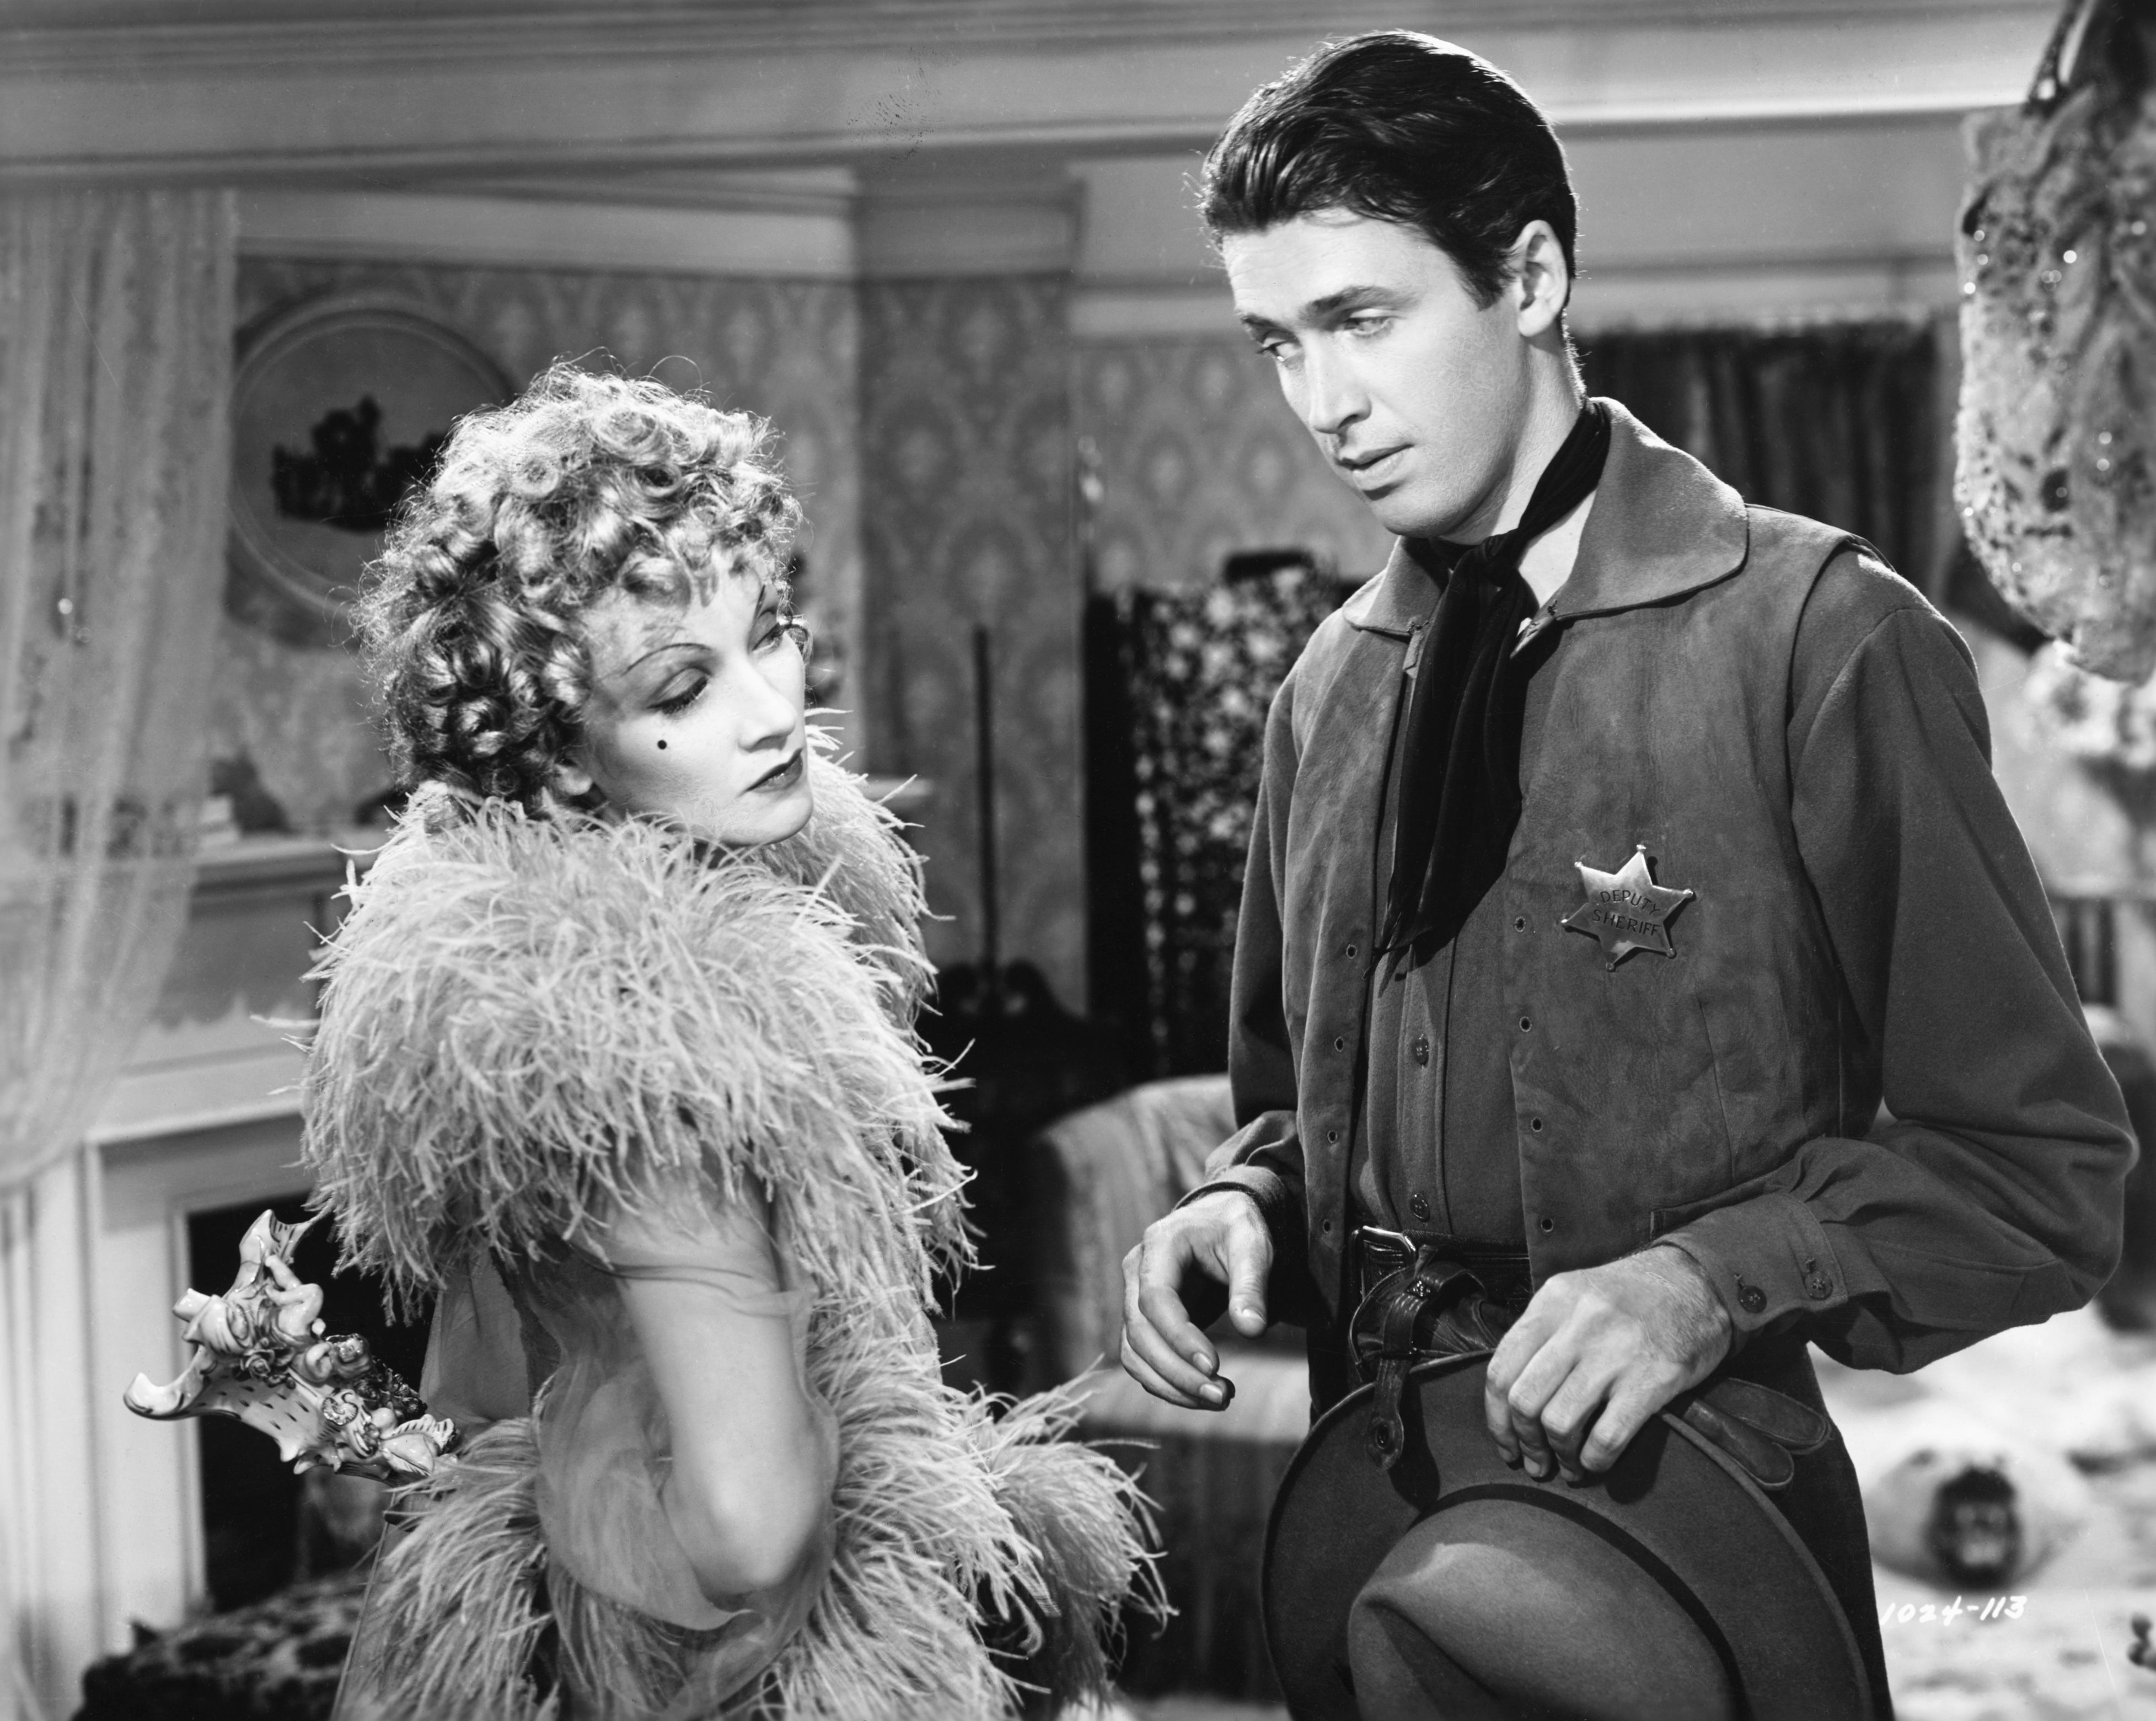 Dietrich and Stewart in Destry Rides Again